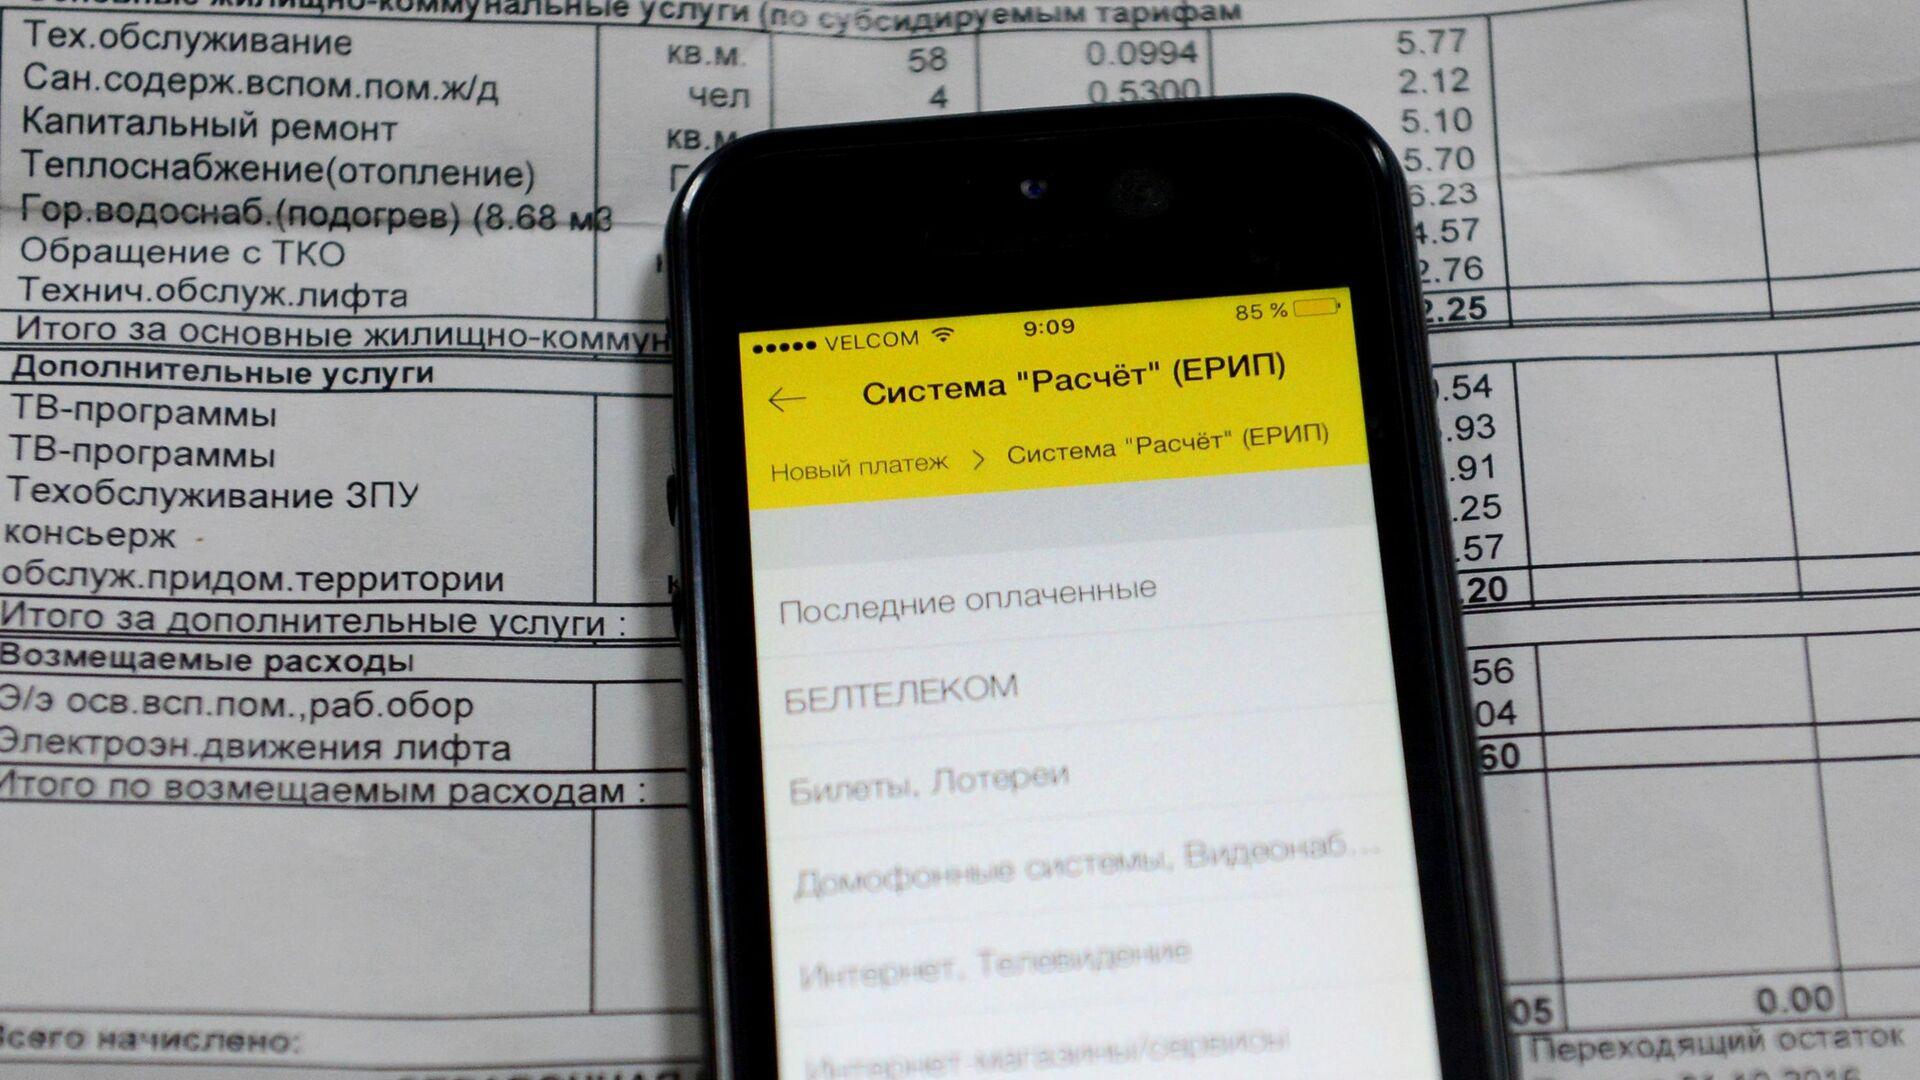 Оплата жировки через мобильный интернет-банкинг - Sputnik Беларусь, 1920, 07.10.2021